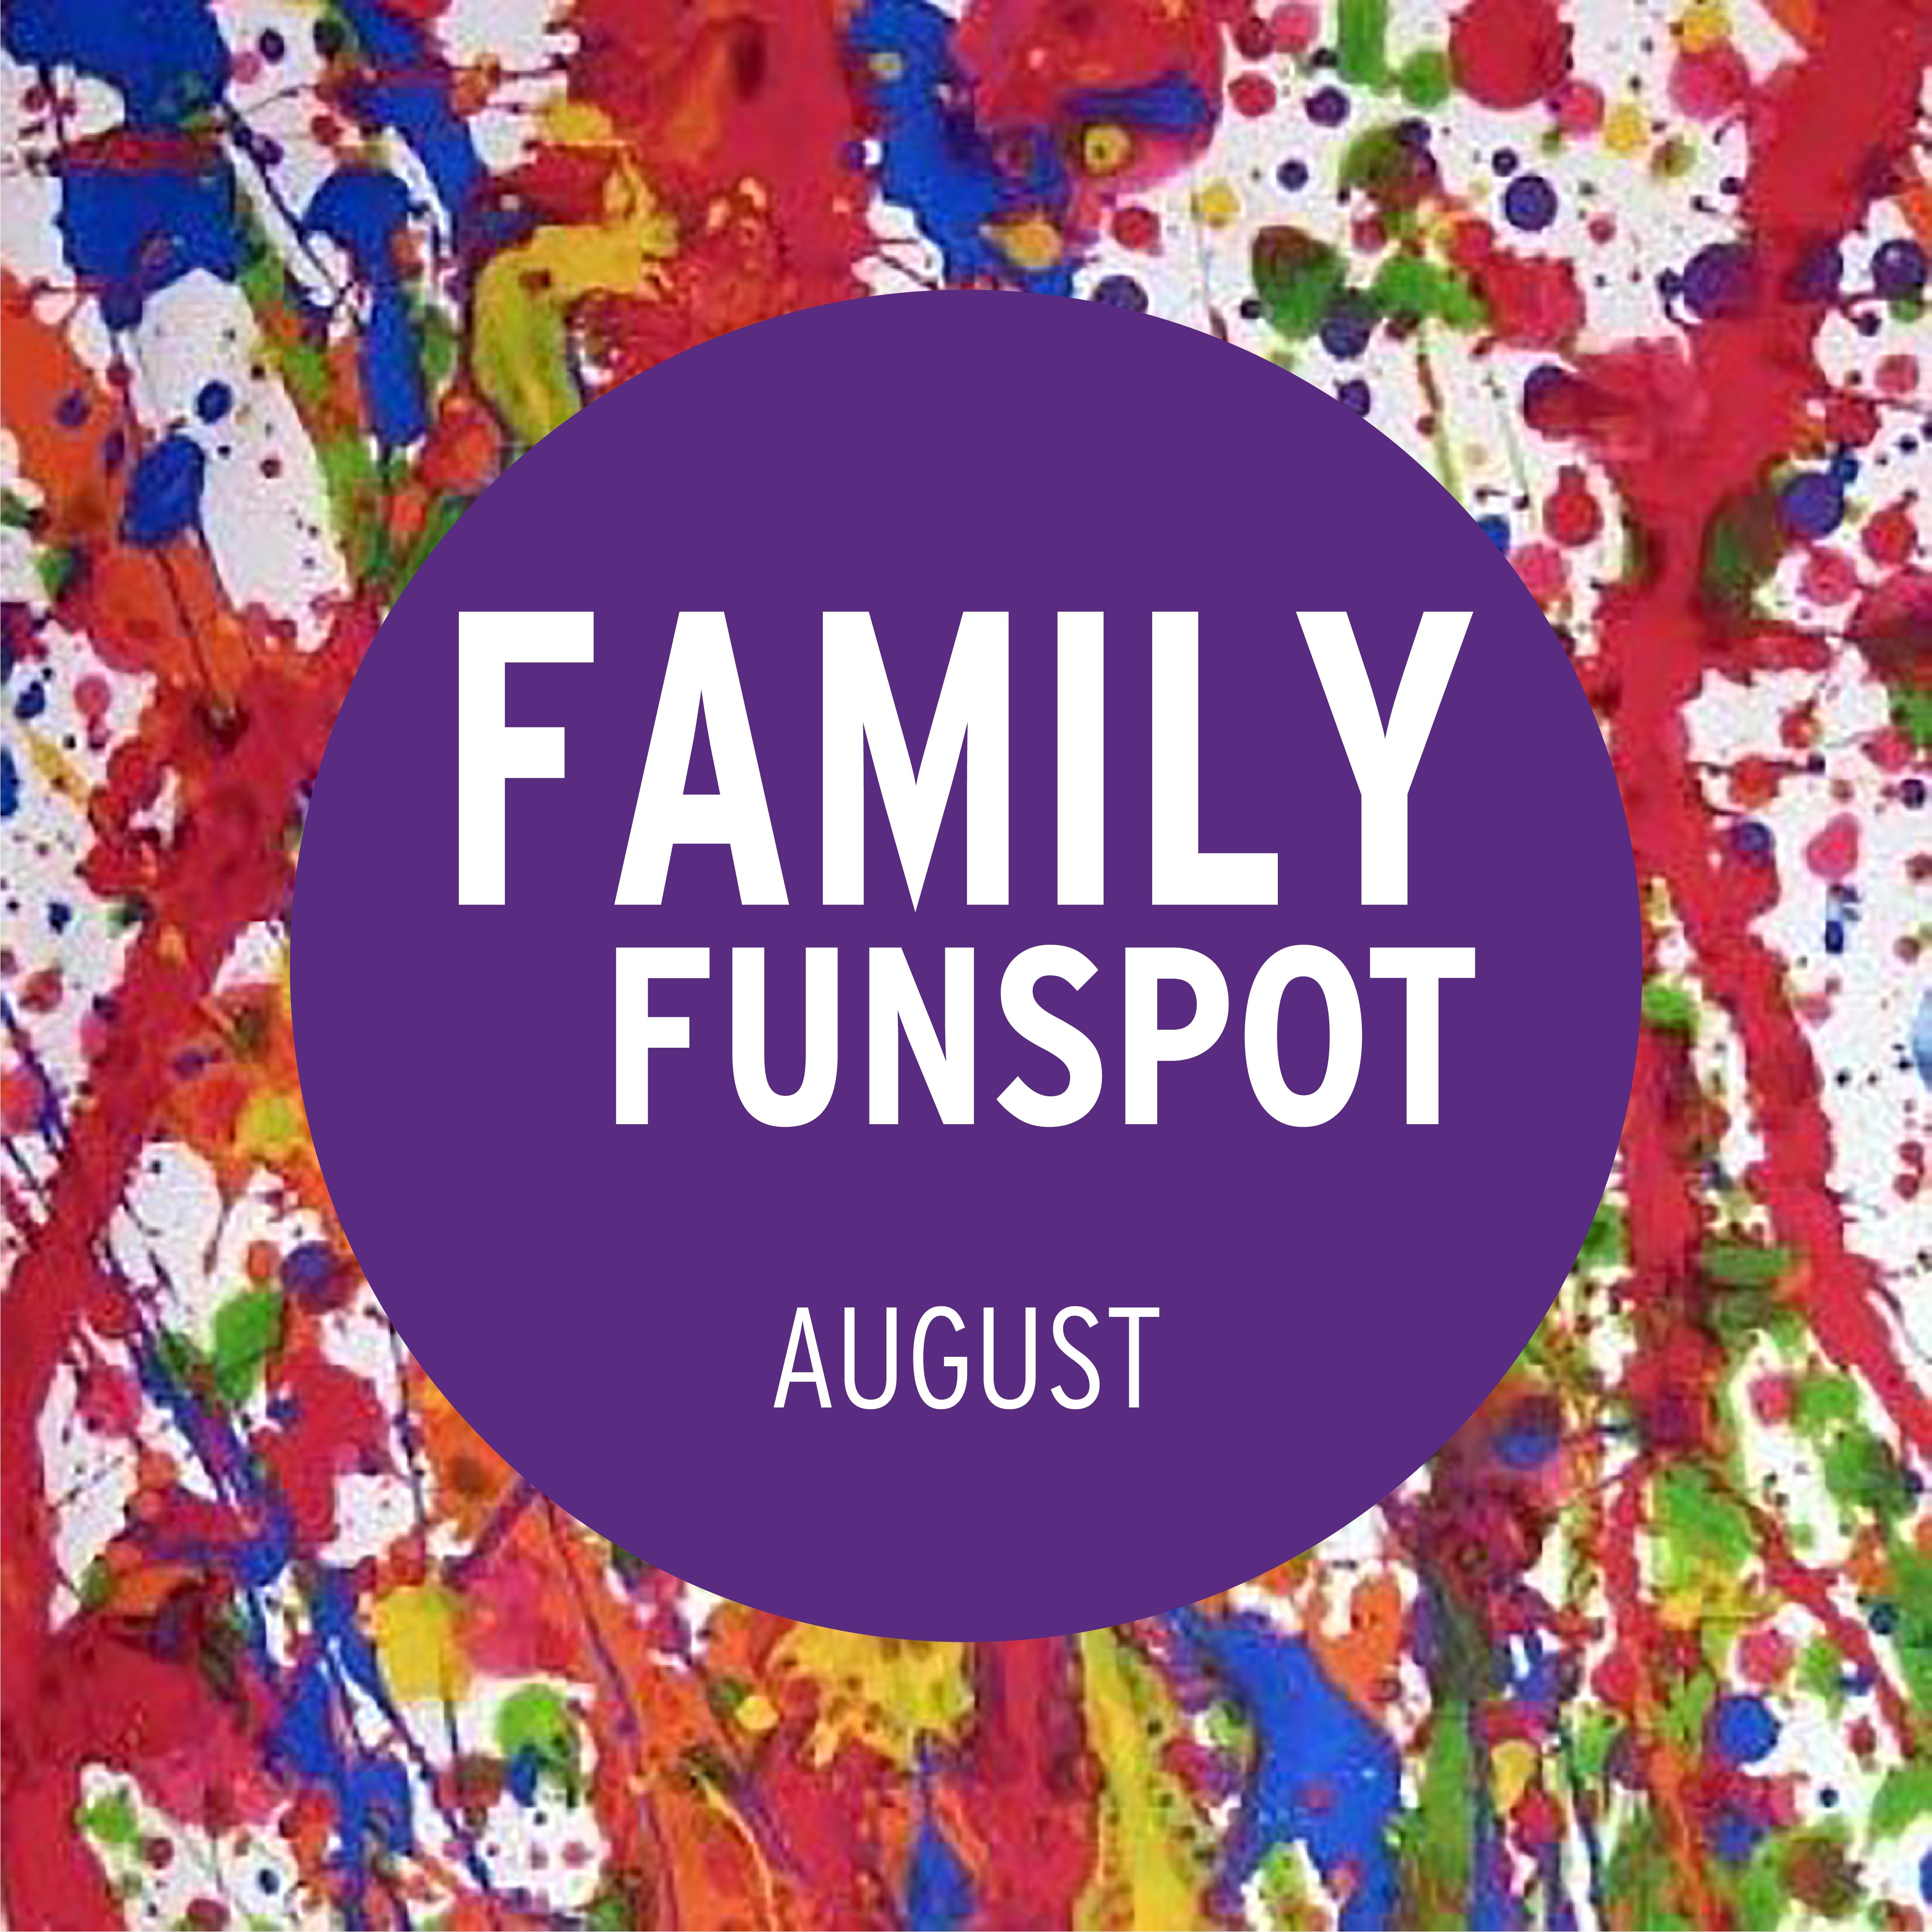 Family FunSpot August